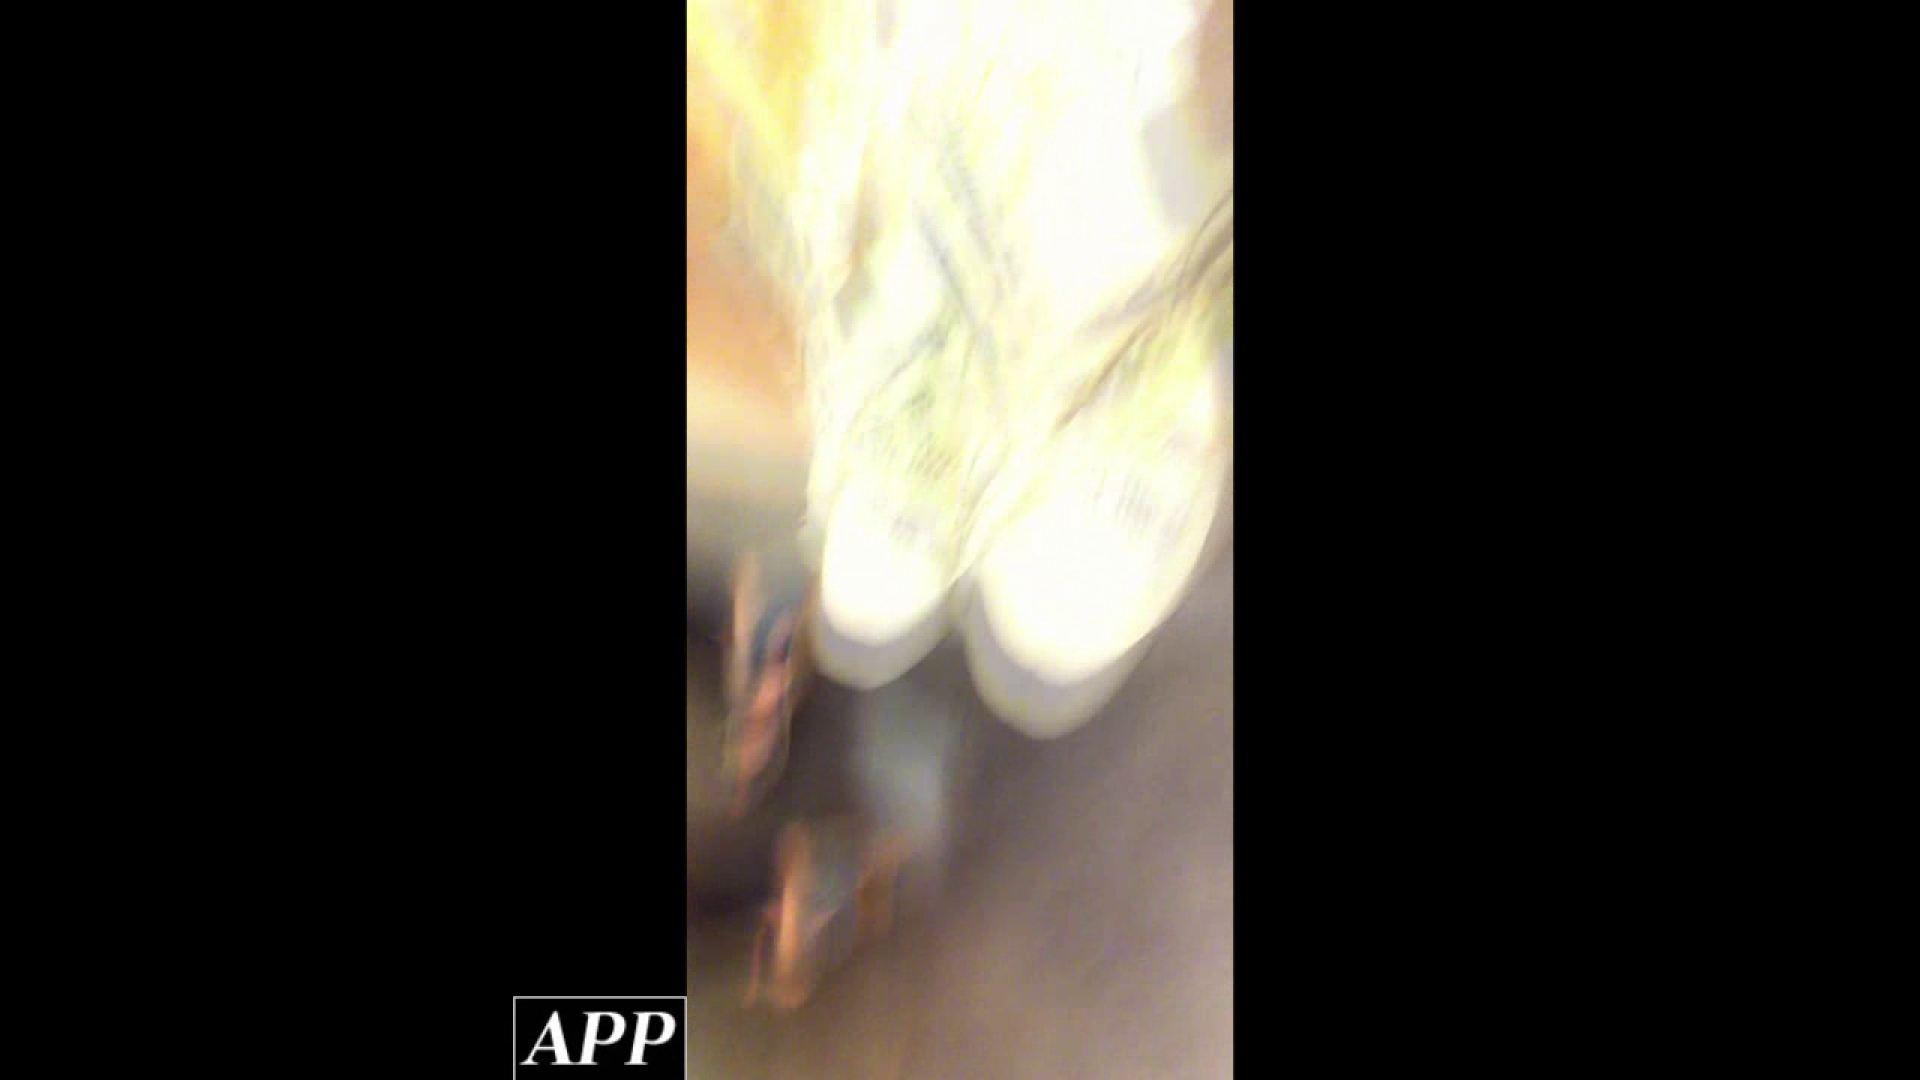 ハイビジョン盗撮!ショップ店員千人斬り!胸チラ編 vol.81 胸チラ 盗撮ワレメ無修正動画無料 90PICs 40